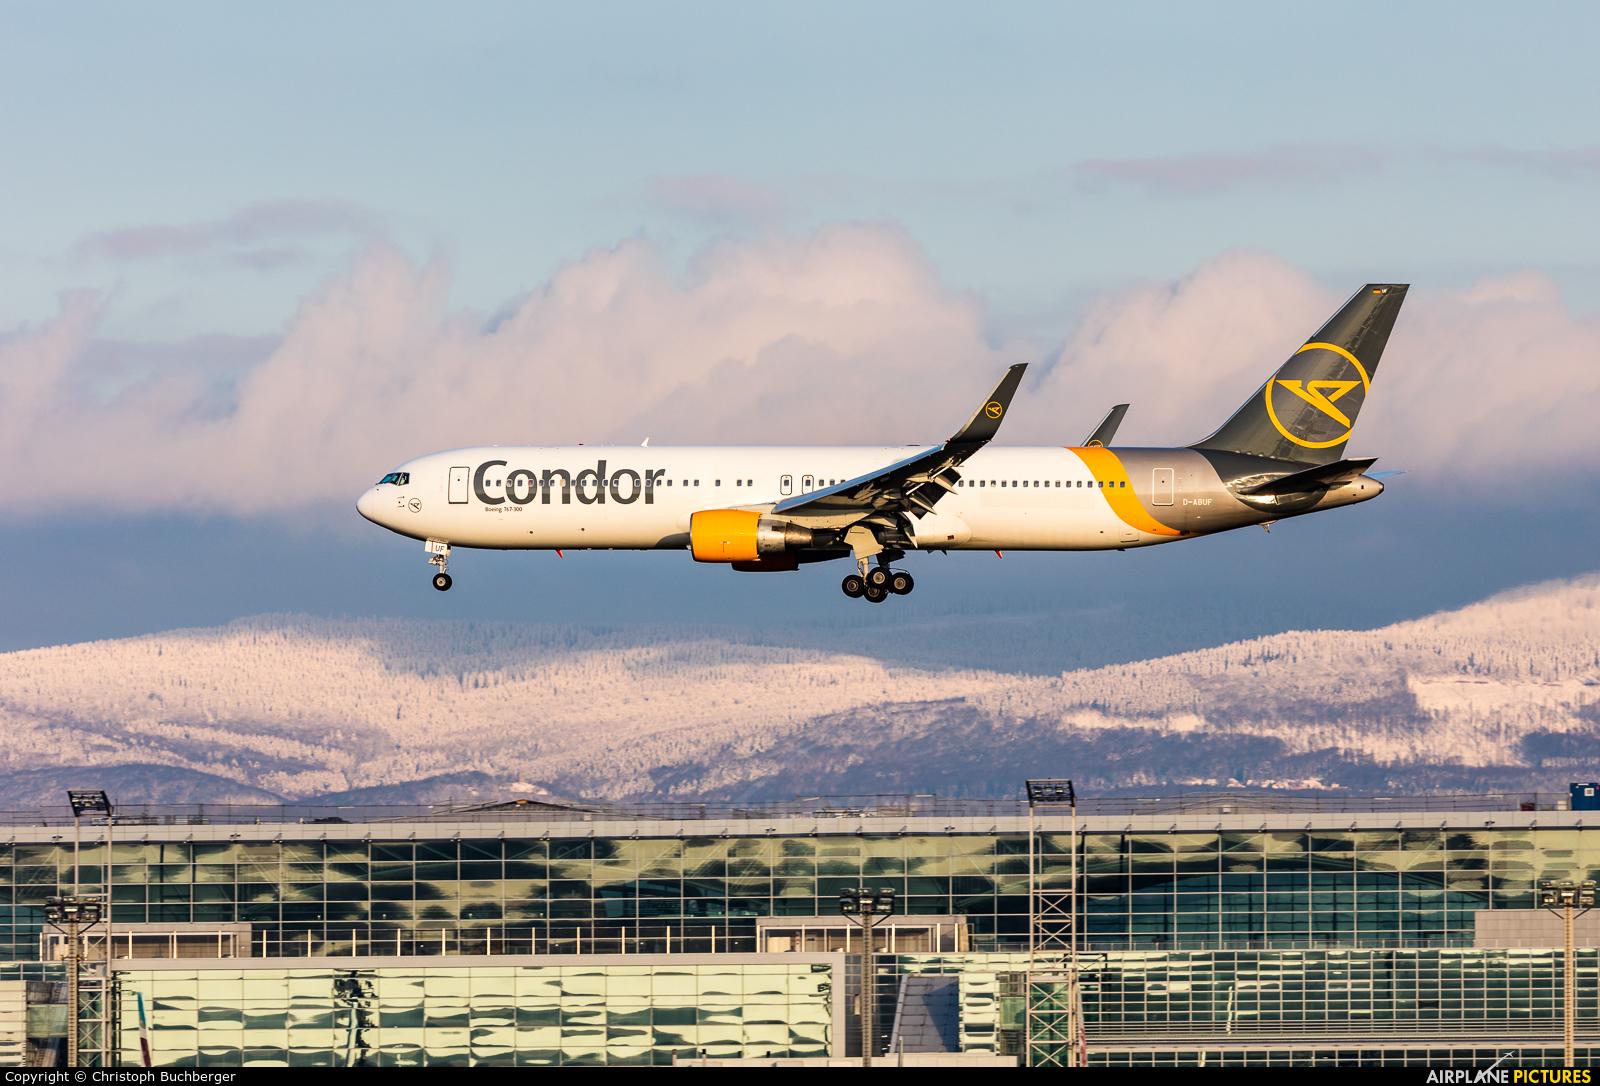 Condor D-ABUF aircraft at Frankfurt